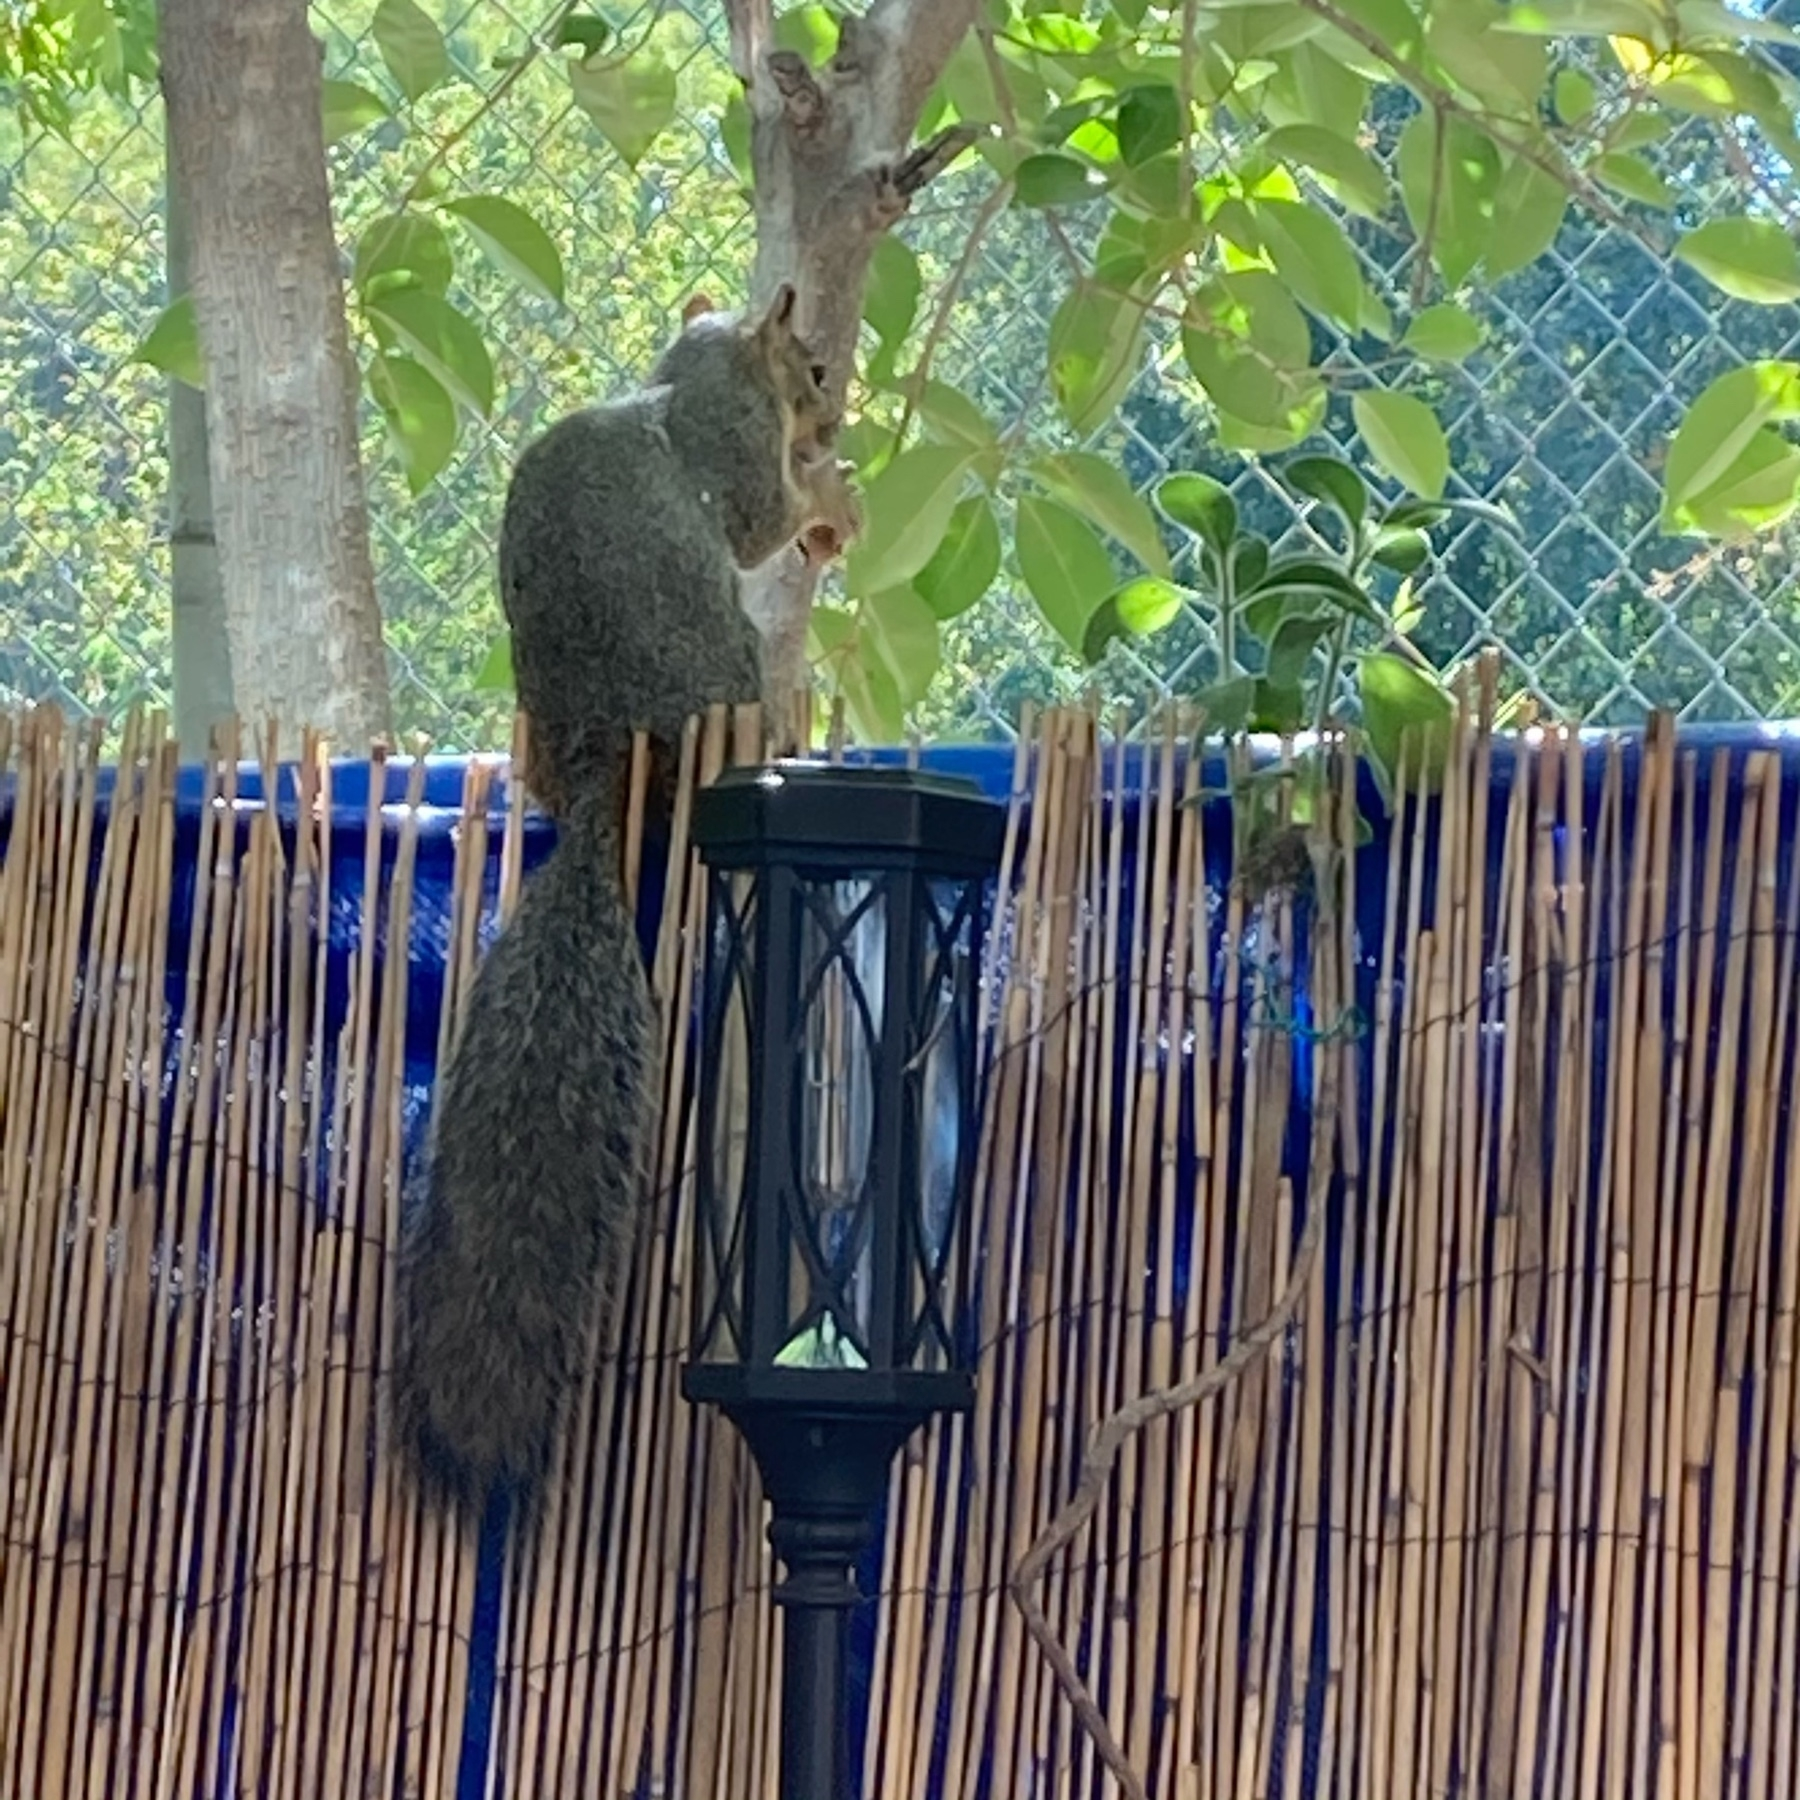 A squirrels eating a peanut.